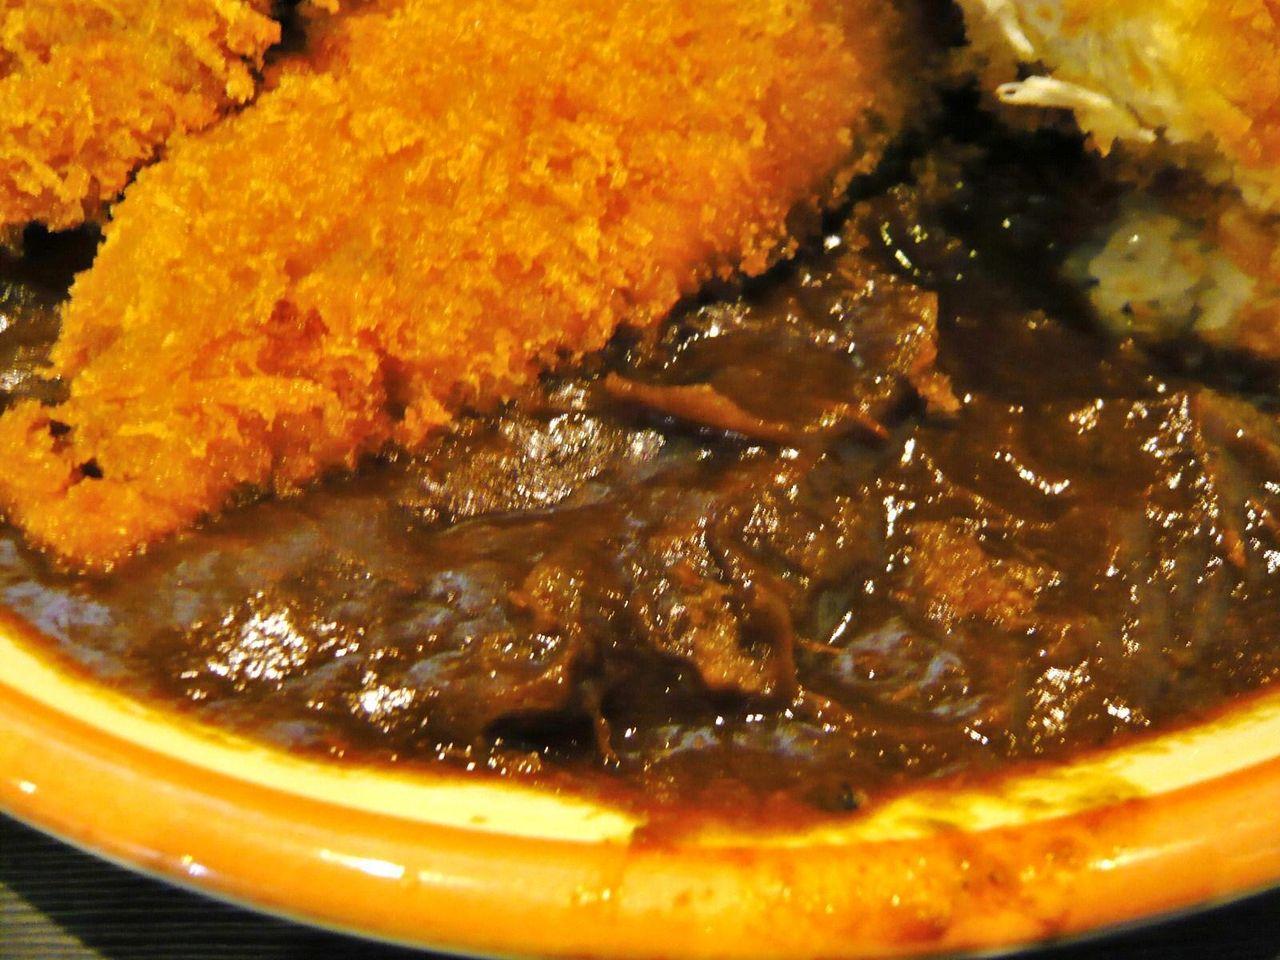 カレールーは、ビーフシチュー風の深い味わい!